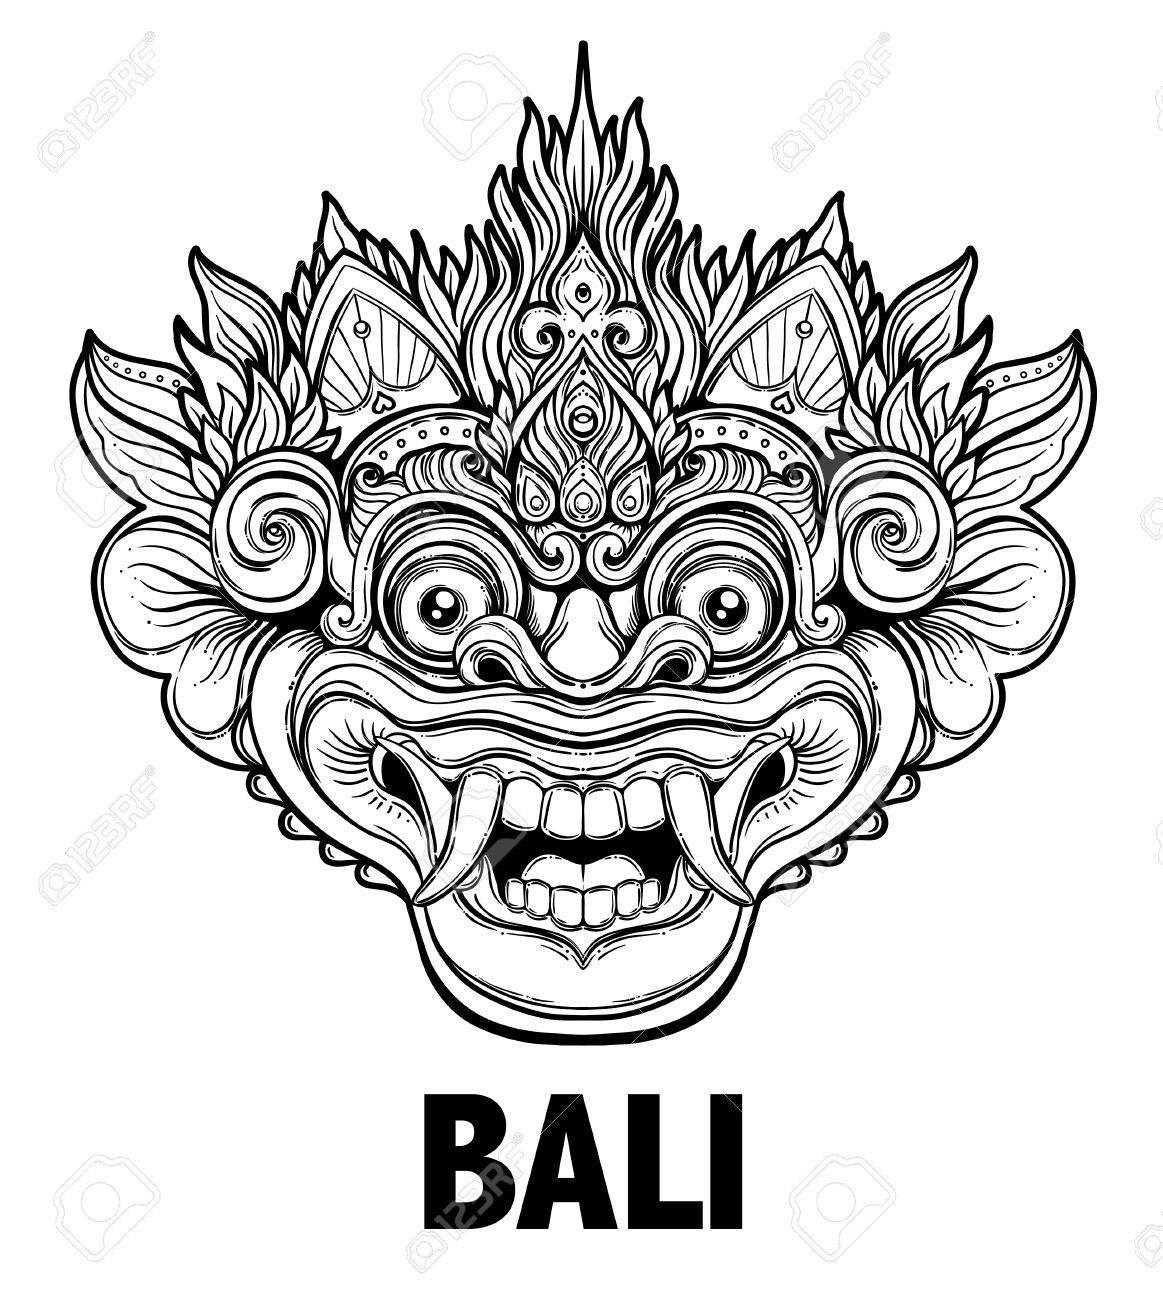 Barong traditional ritual balinese mask vector decorative ornate barong traditional ritual balinese mask vector decorative ornate outline illustration isolated hindu ethnic buycottarizona